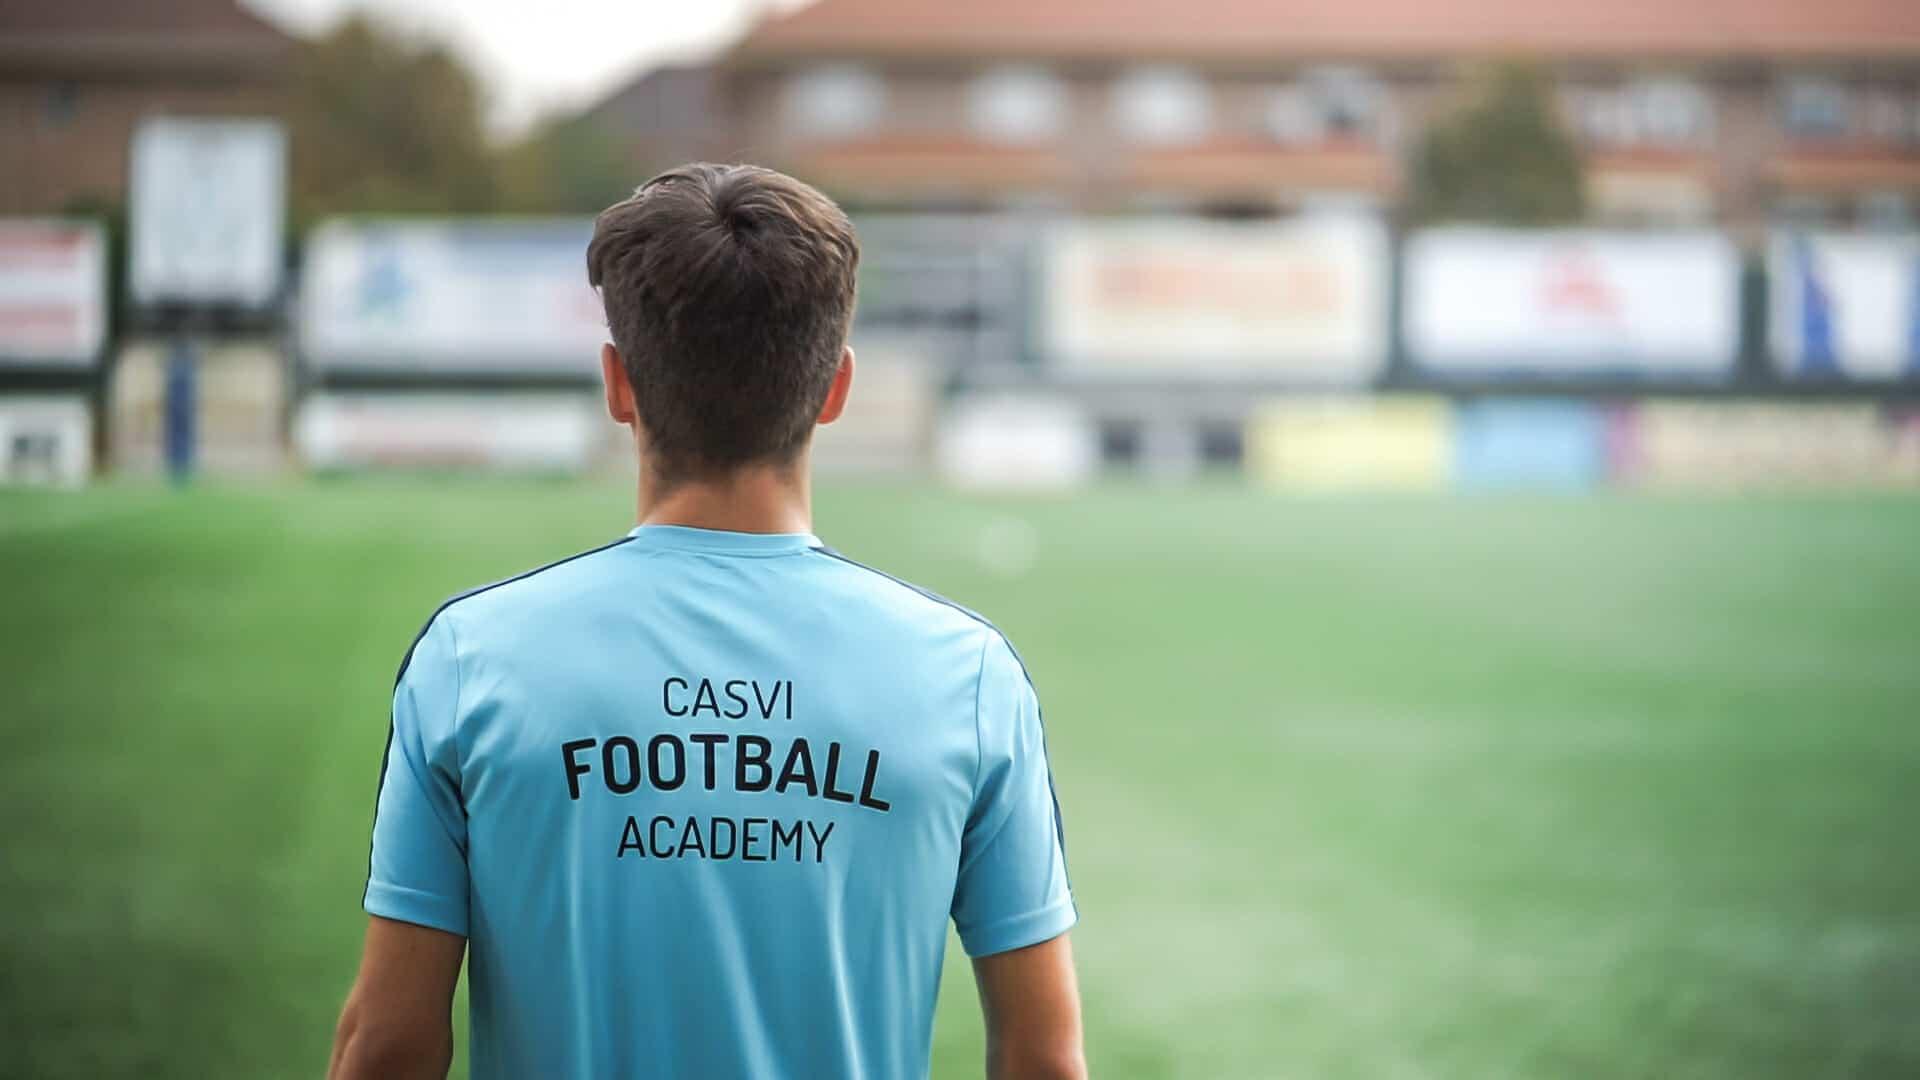 Casvi Football Academy